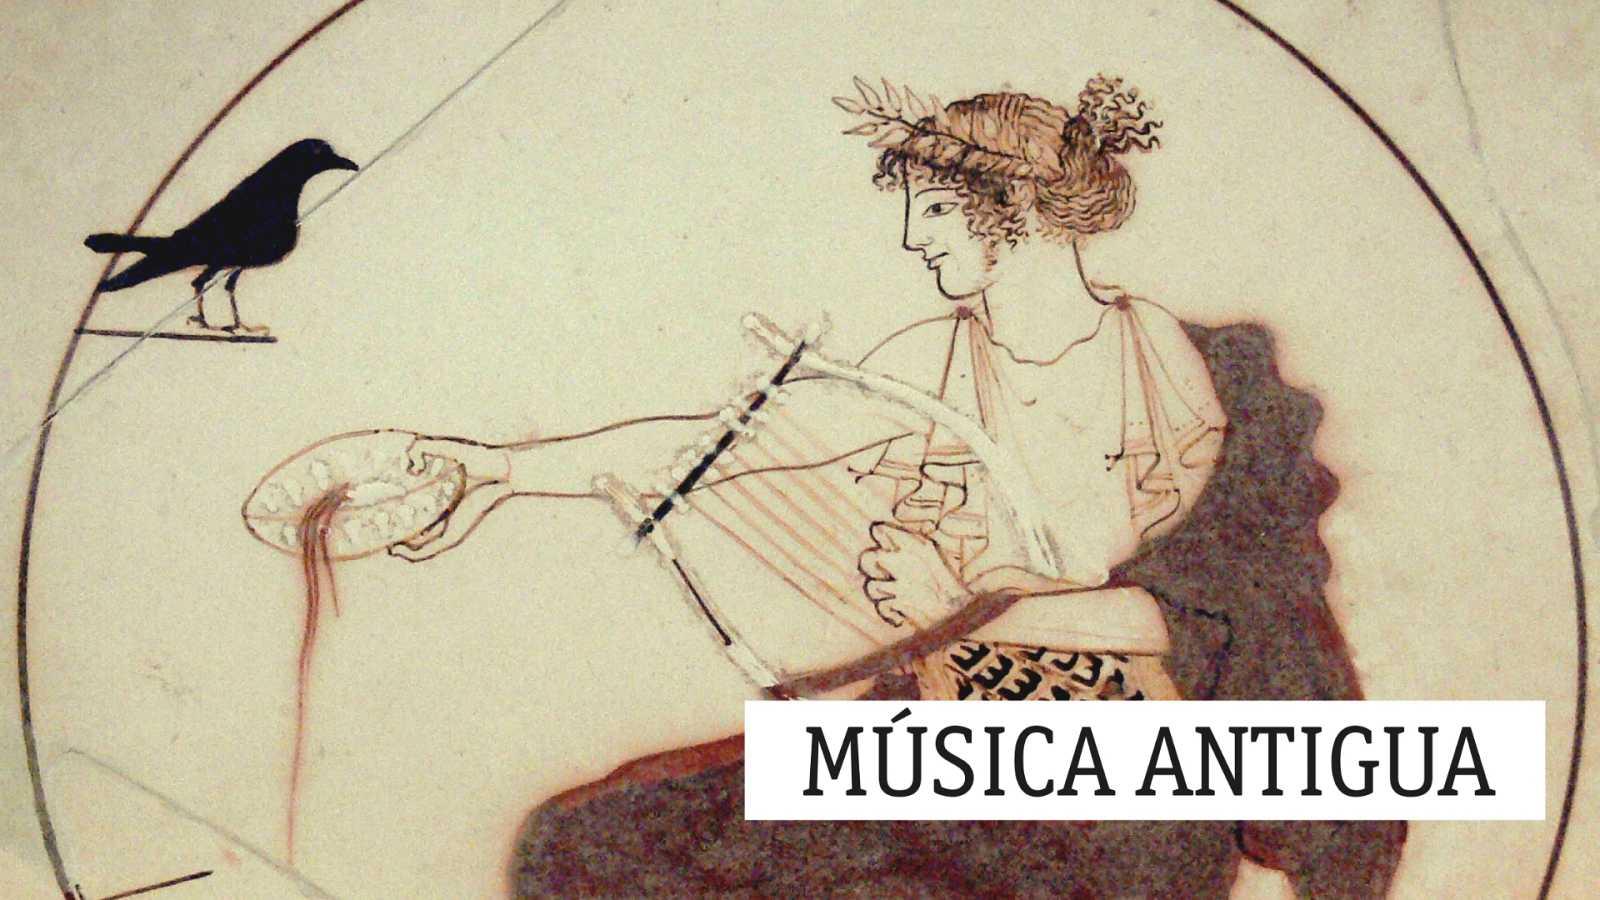 Música antigua - Música de códices y cancioneros - 27/10/20 - escuchar ahora